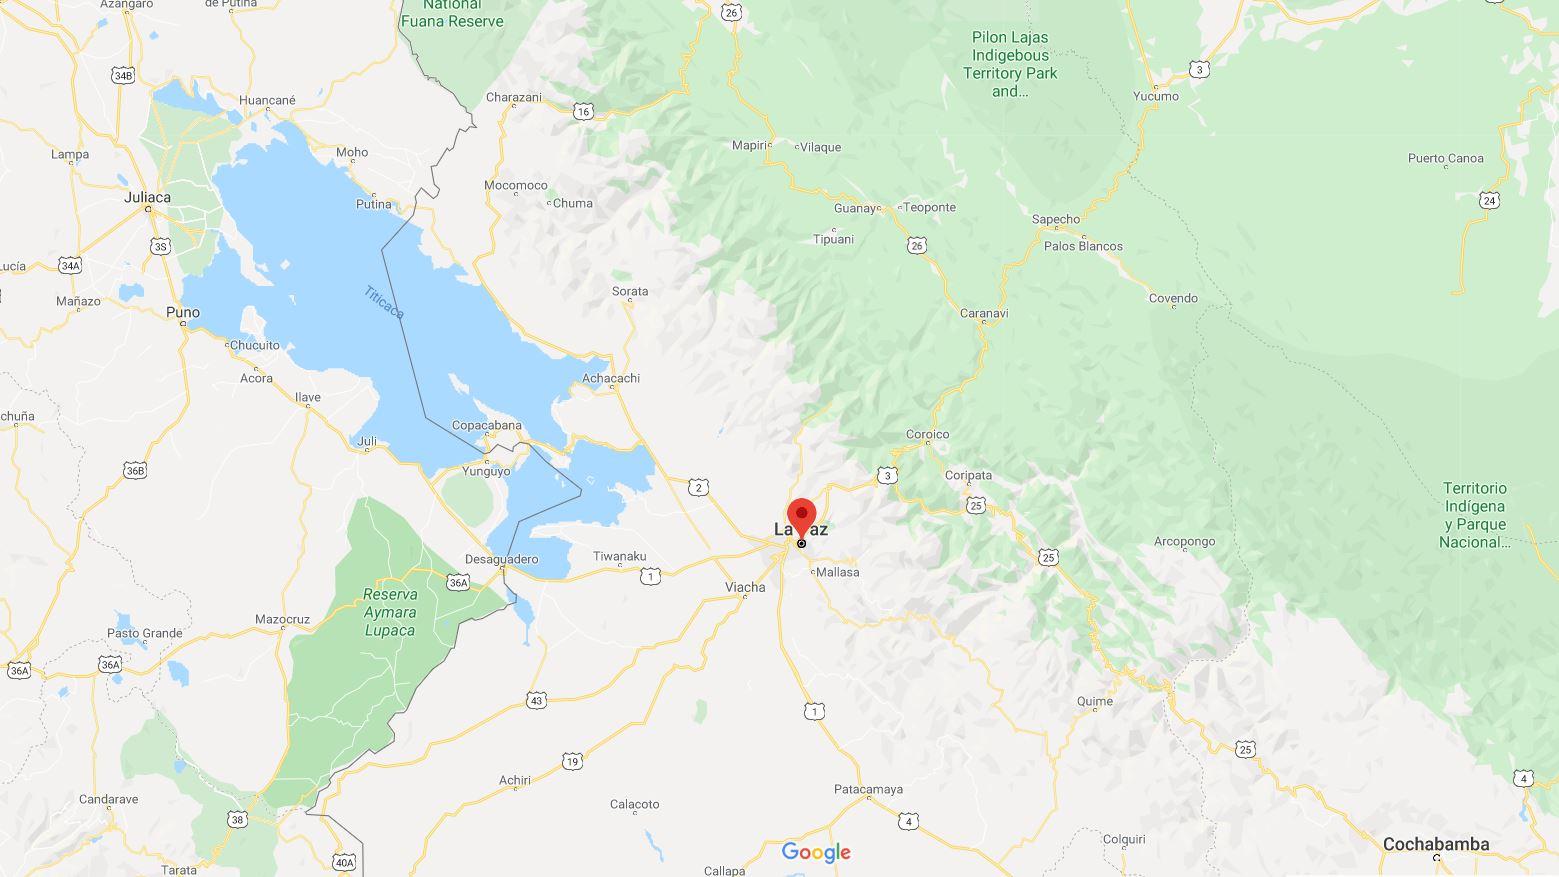 Mapa La Paz Bolivia cordillera real